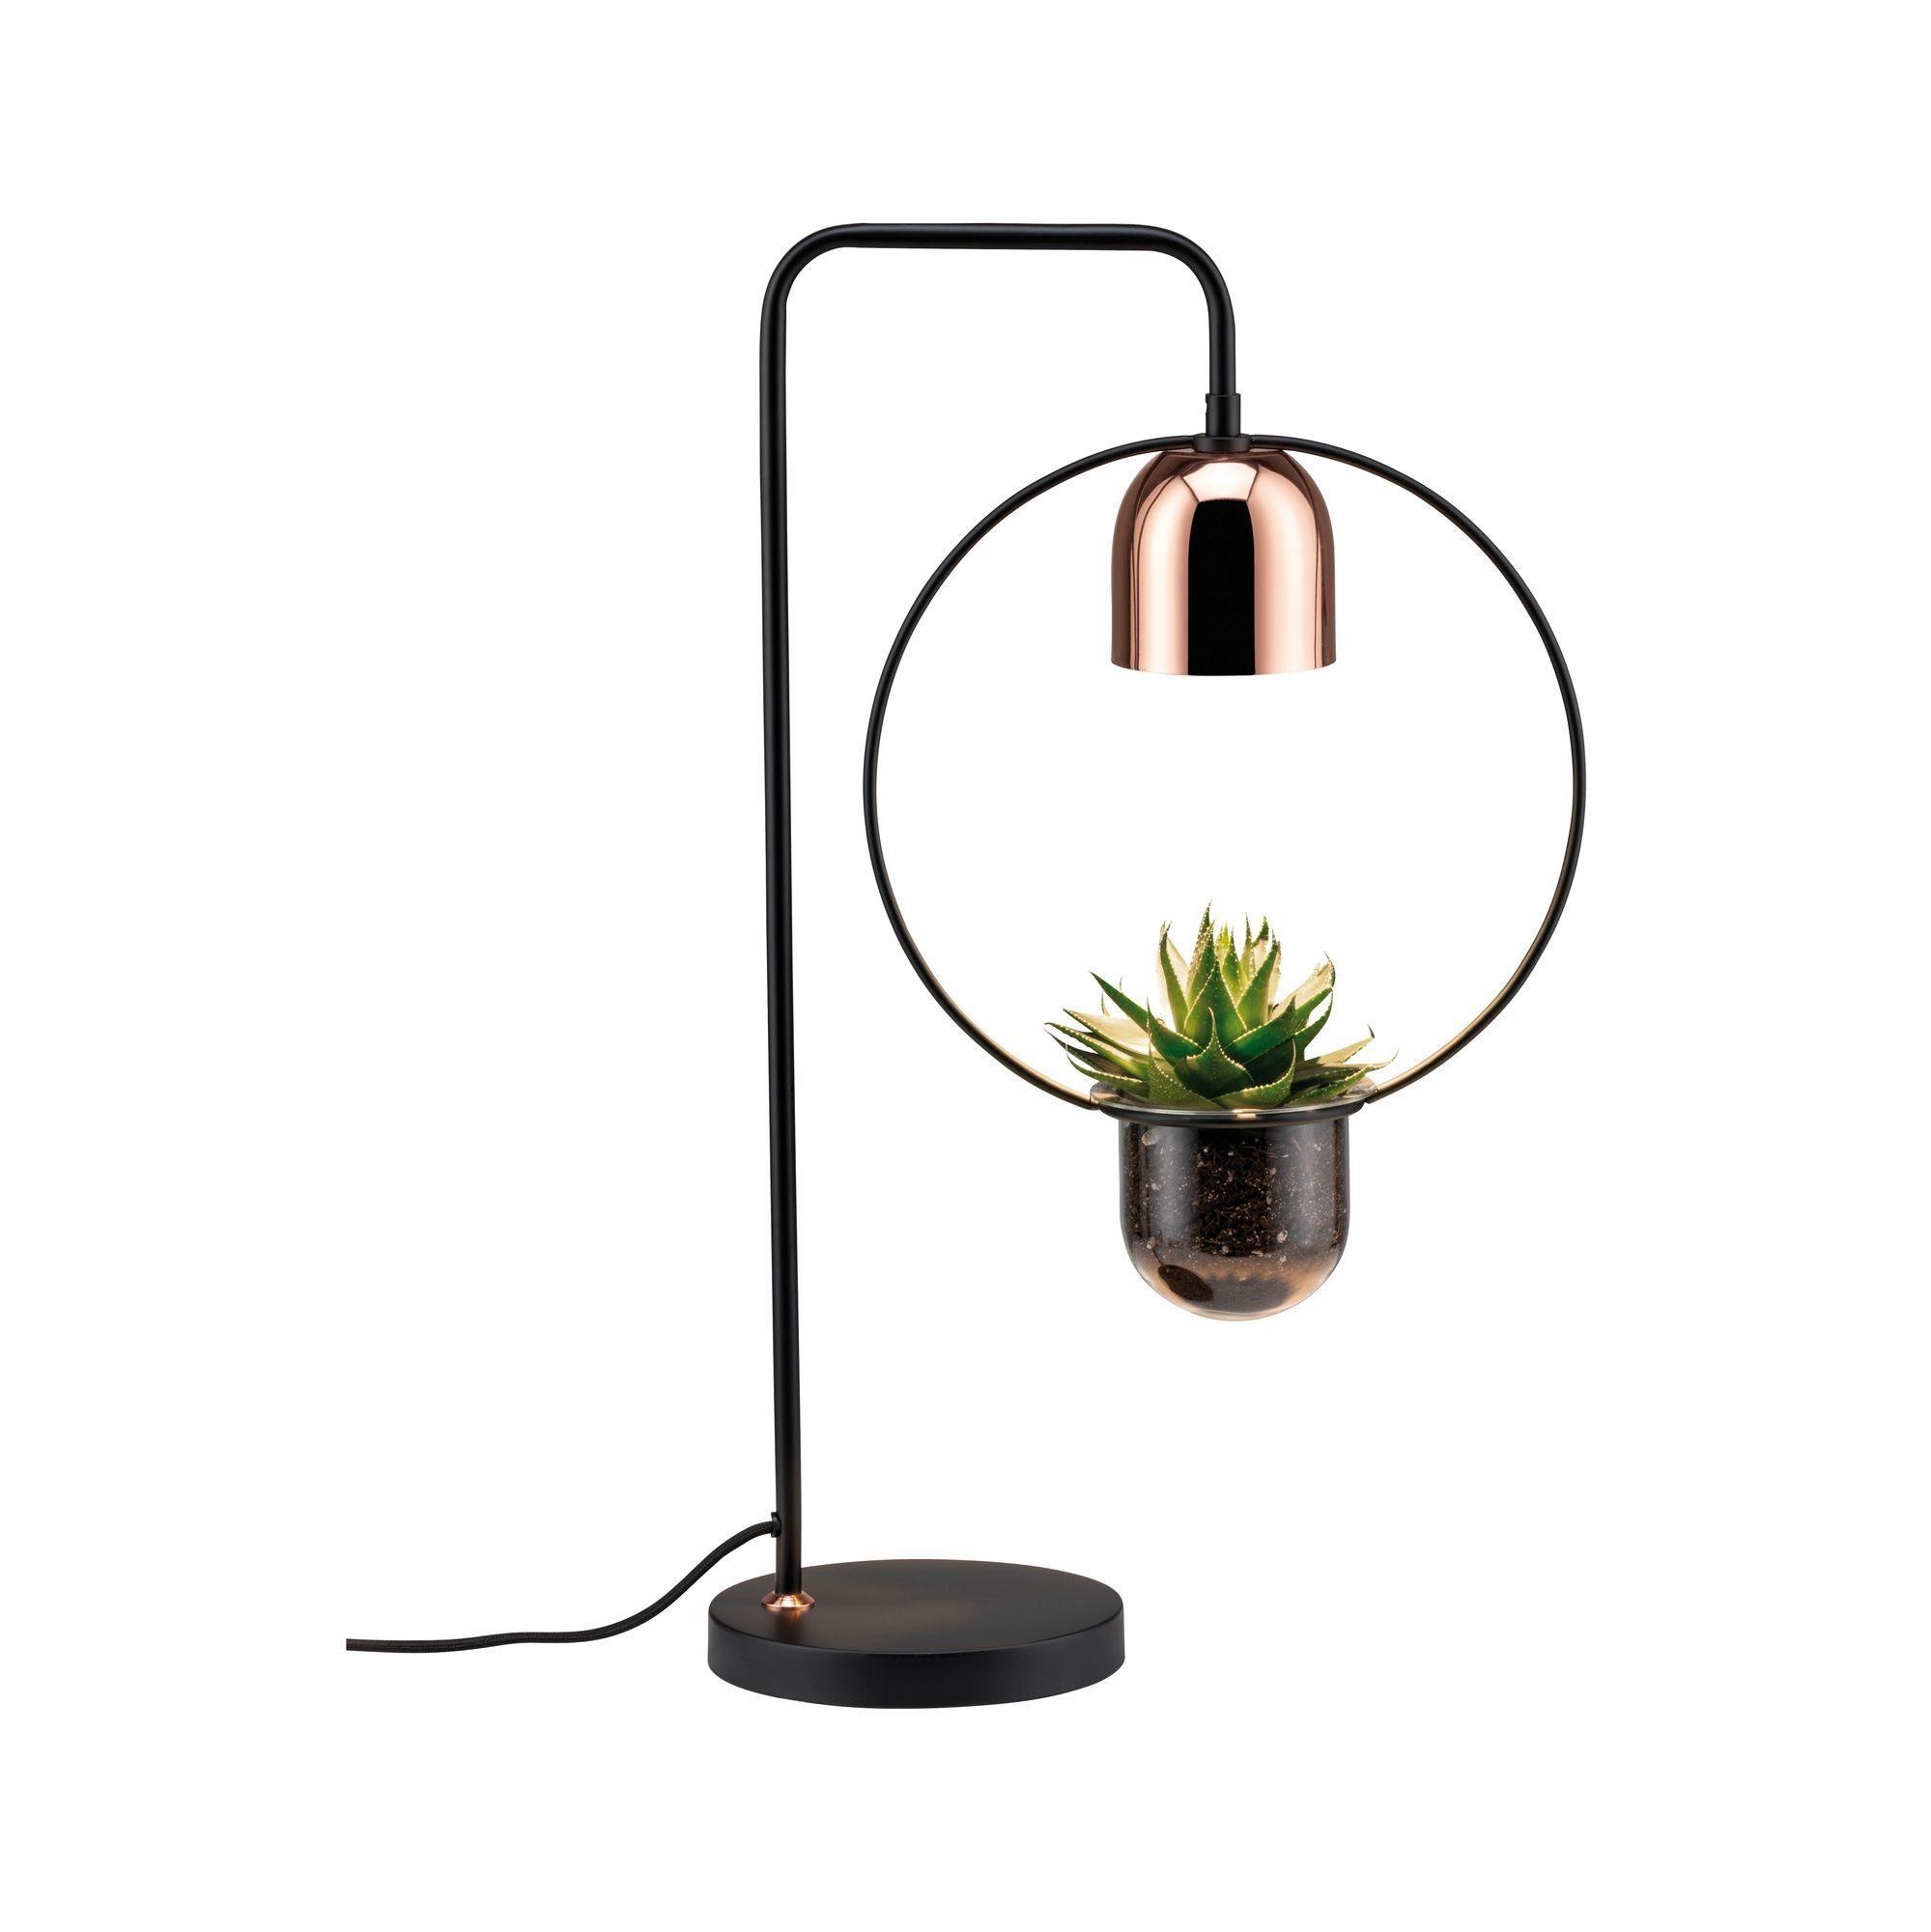 Paulmann LED Tischleuchte Fanja Pflanzenleuchte Schwarz/Kupfer, GU10, 1 St.